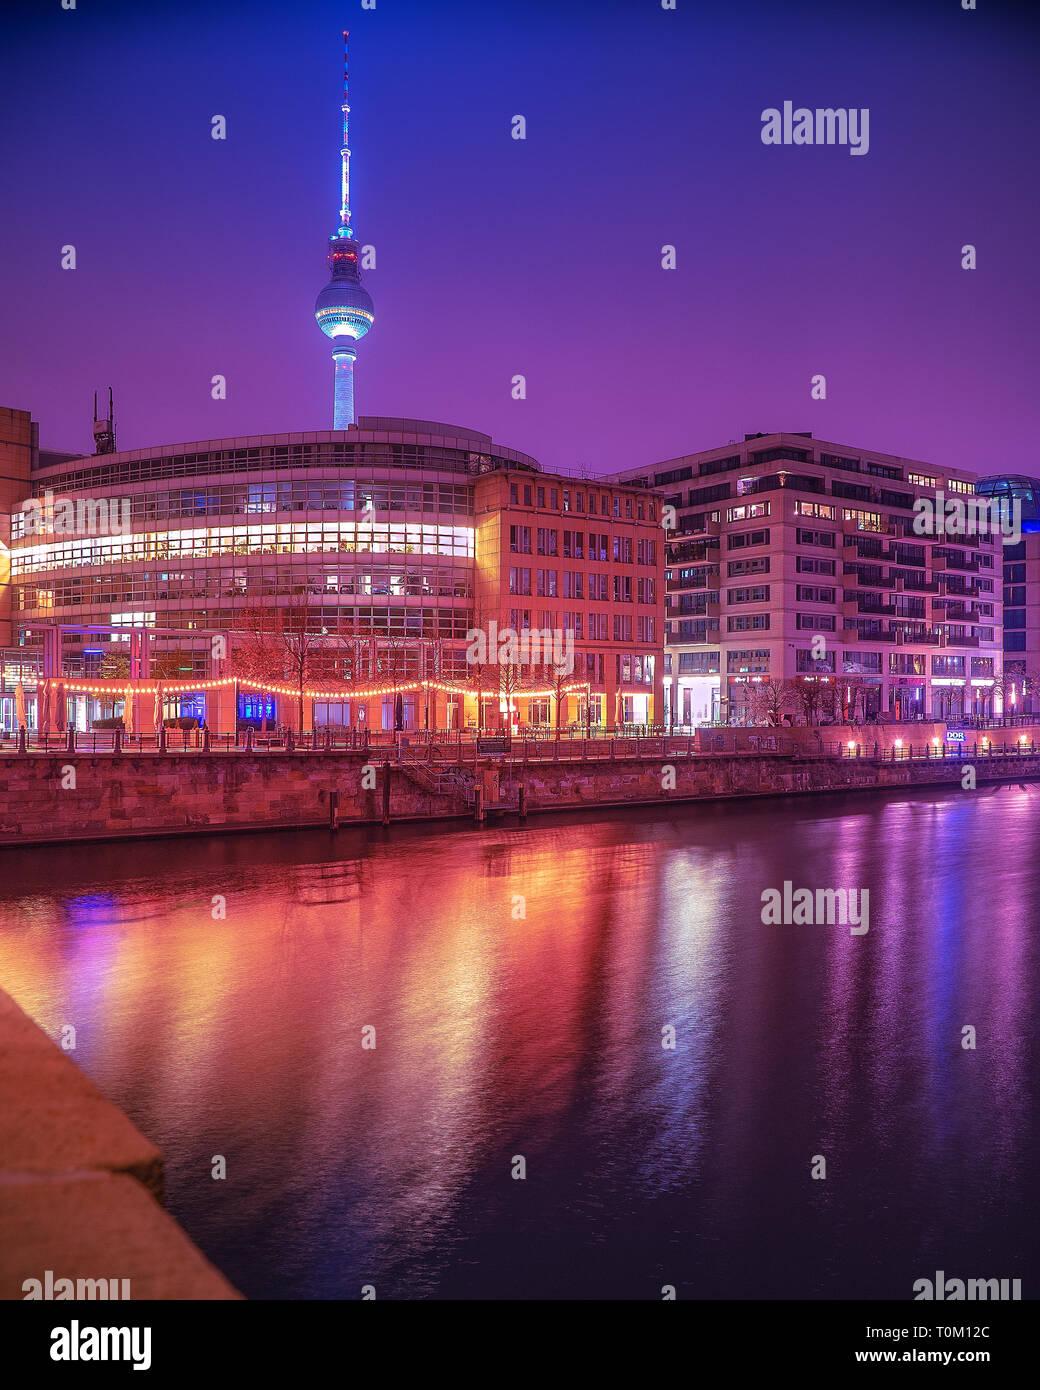 En la Noche de la ciudad de Berlín con hermosas luces de neón en una diferente mirada futurista Foto de stock